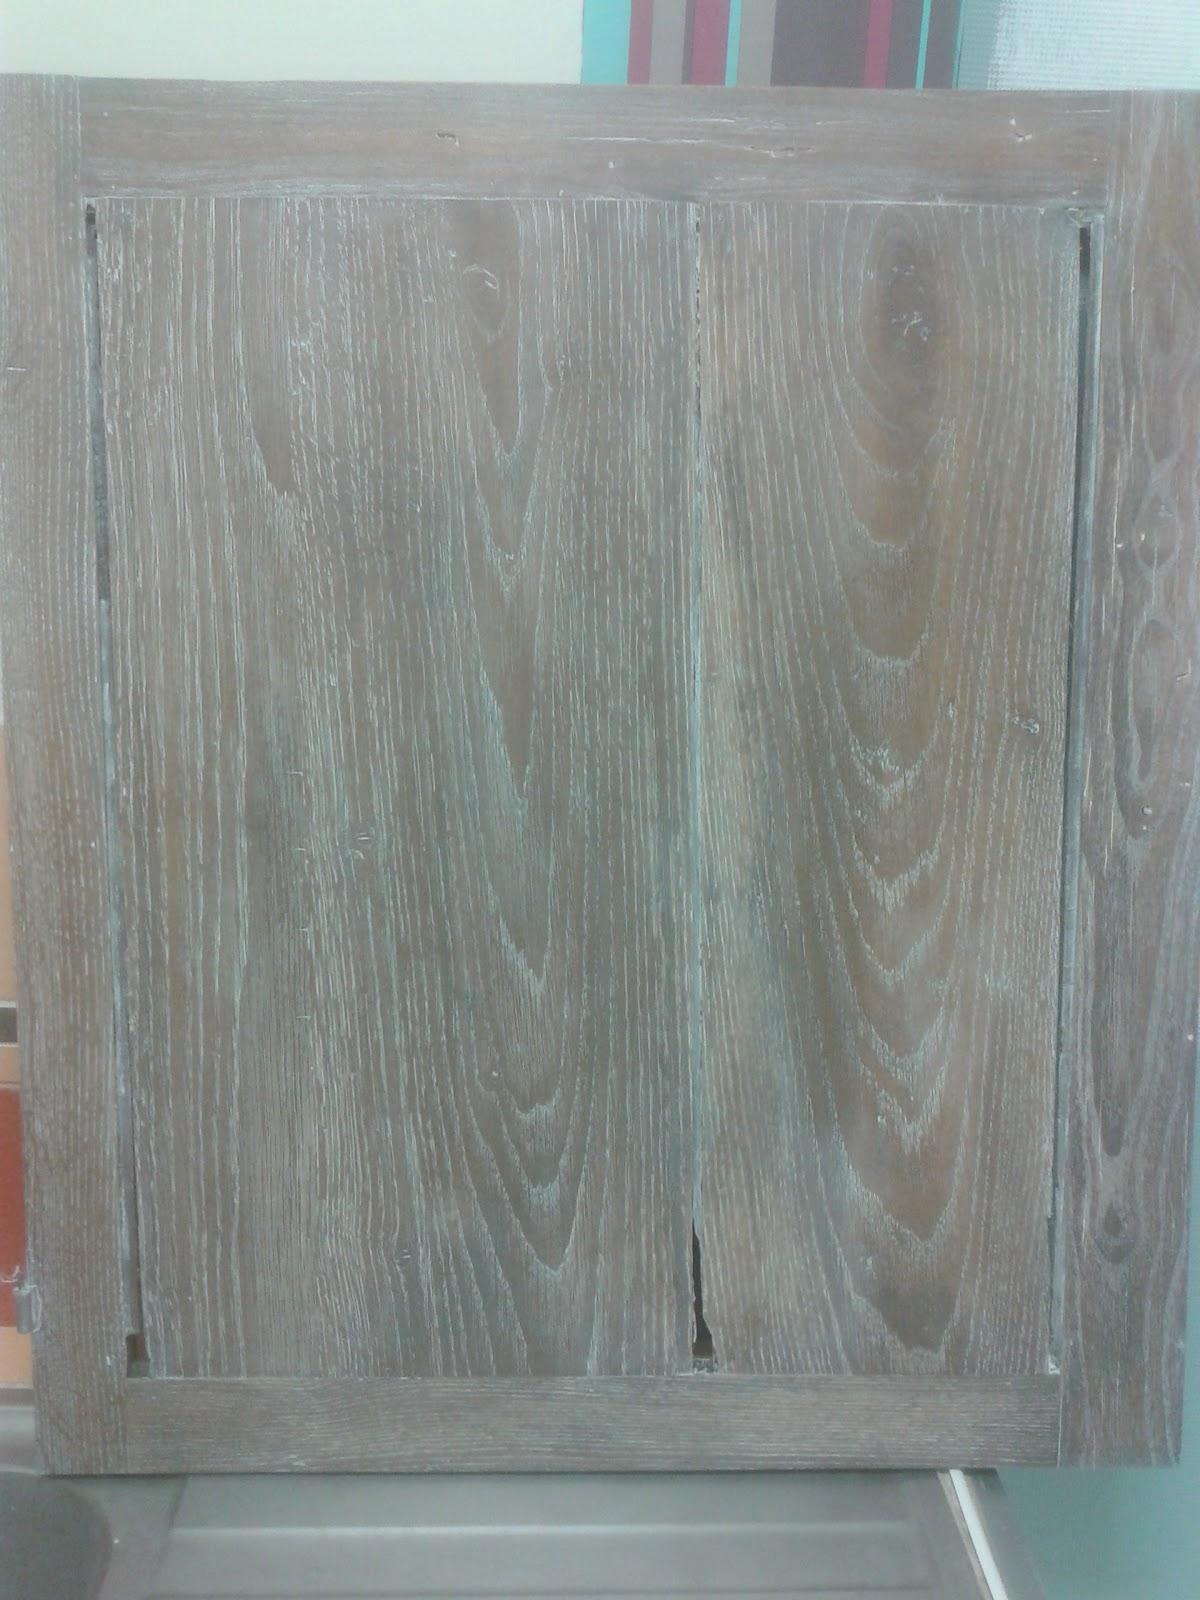 peinture sur meuble relooking meuble finition c rus e cours de. Black Bedroom Furniture Sets. Home Design Ideas